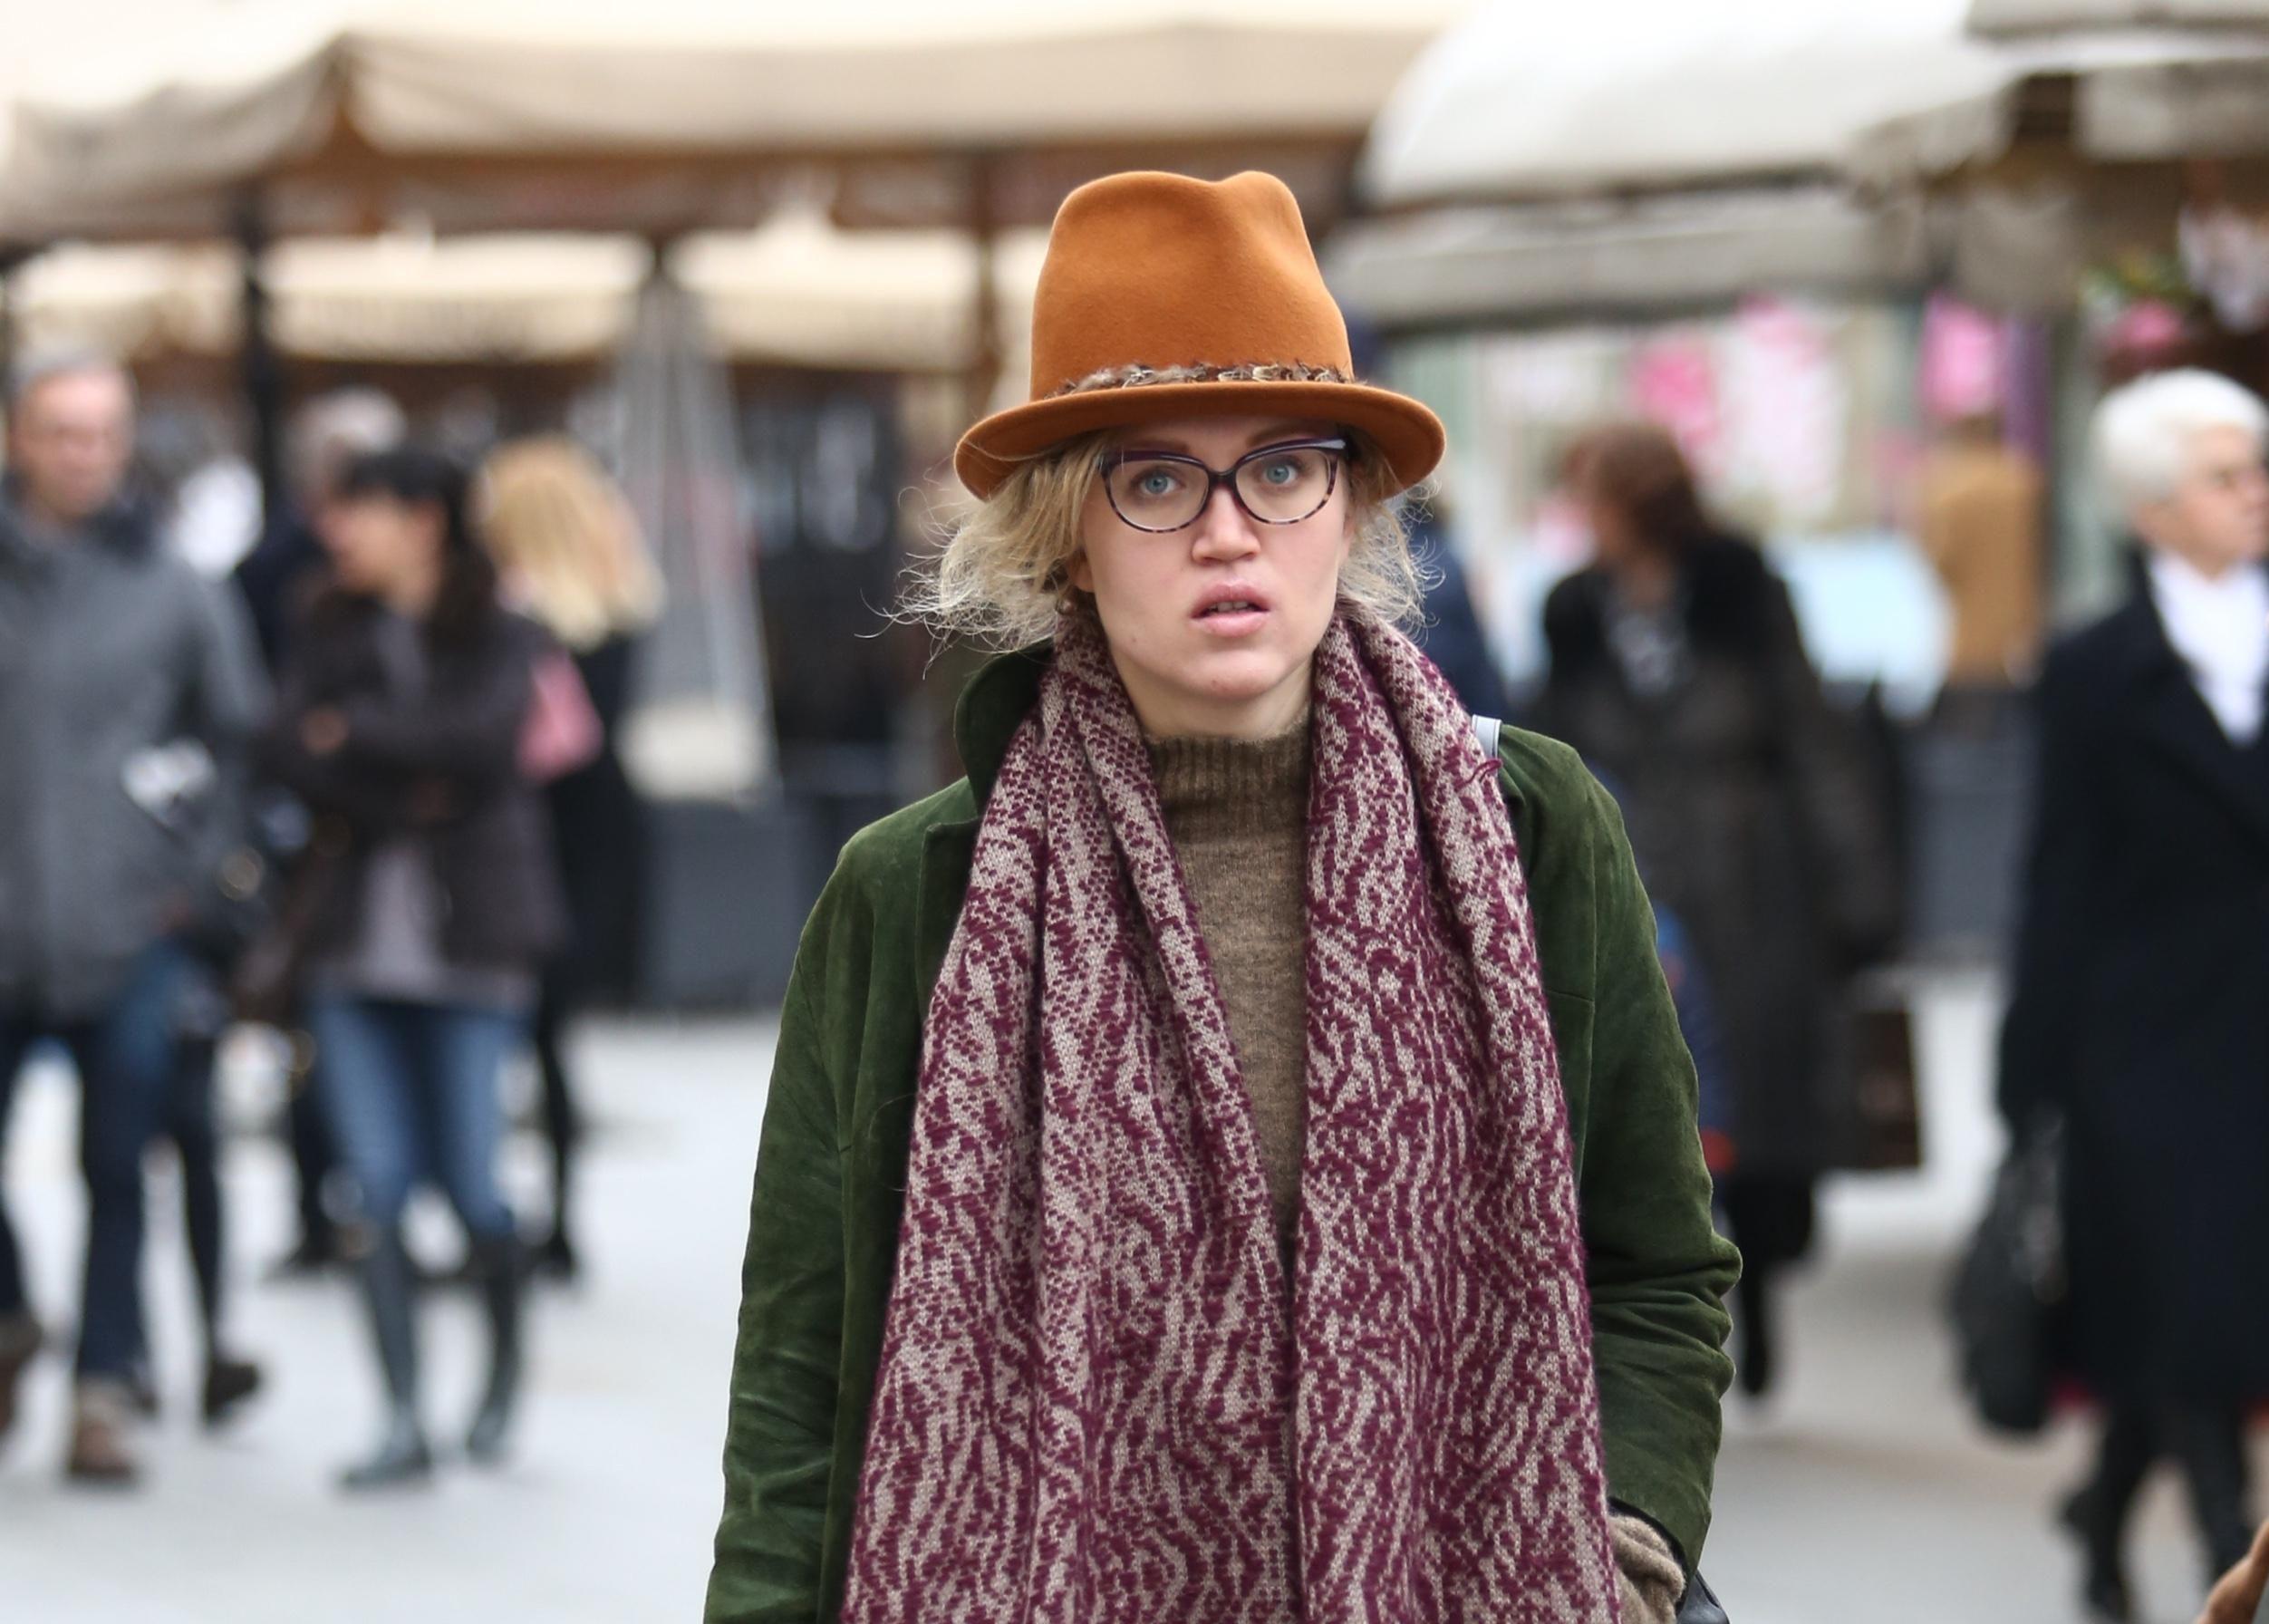 Veliki šal s uzorkom i divan šešir formula su za kombinaciju iz snova